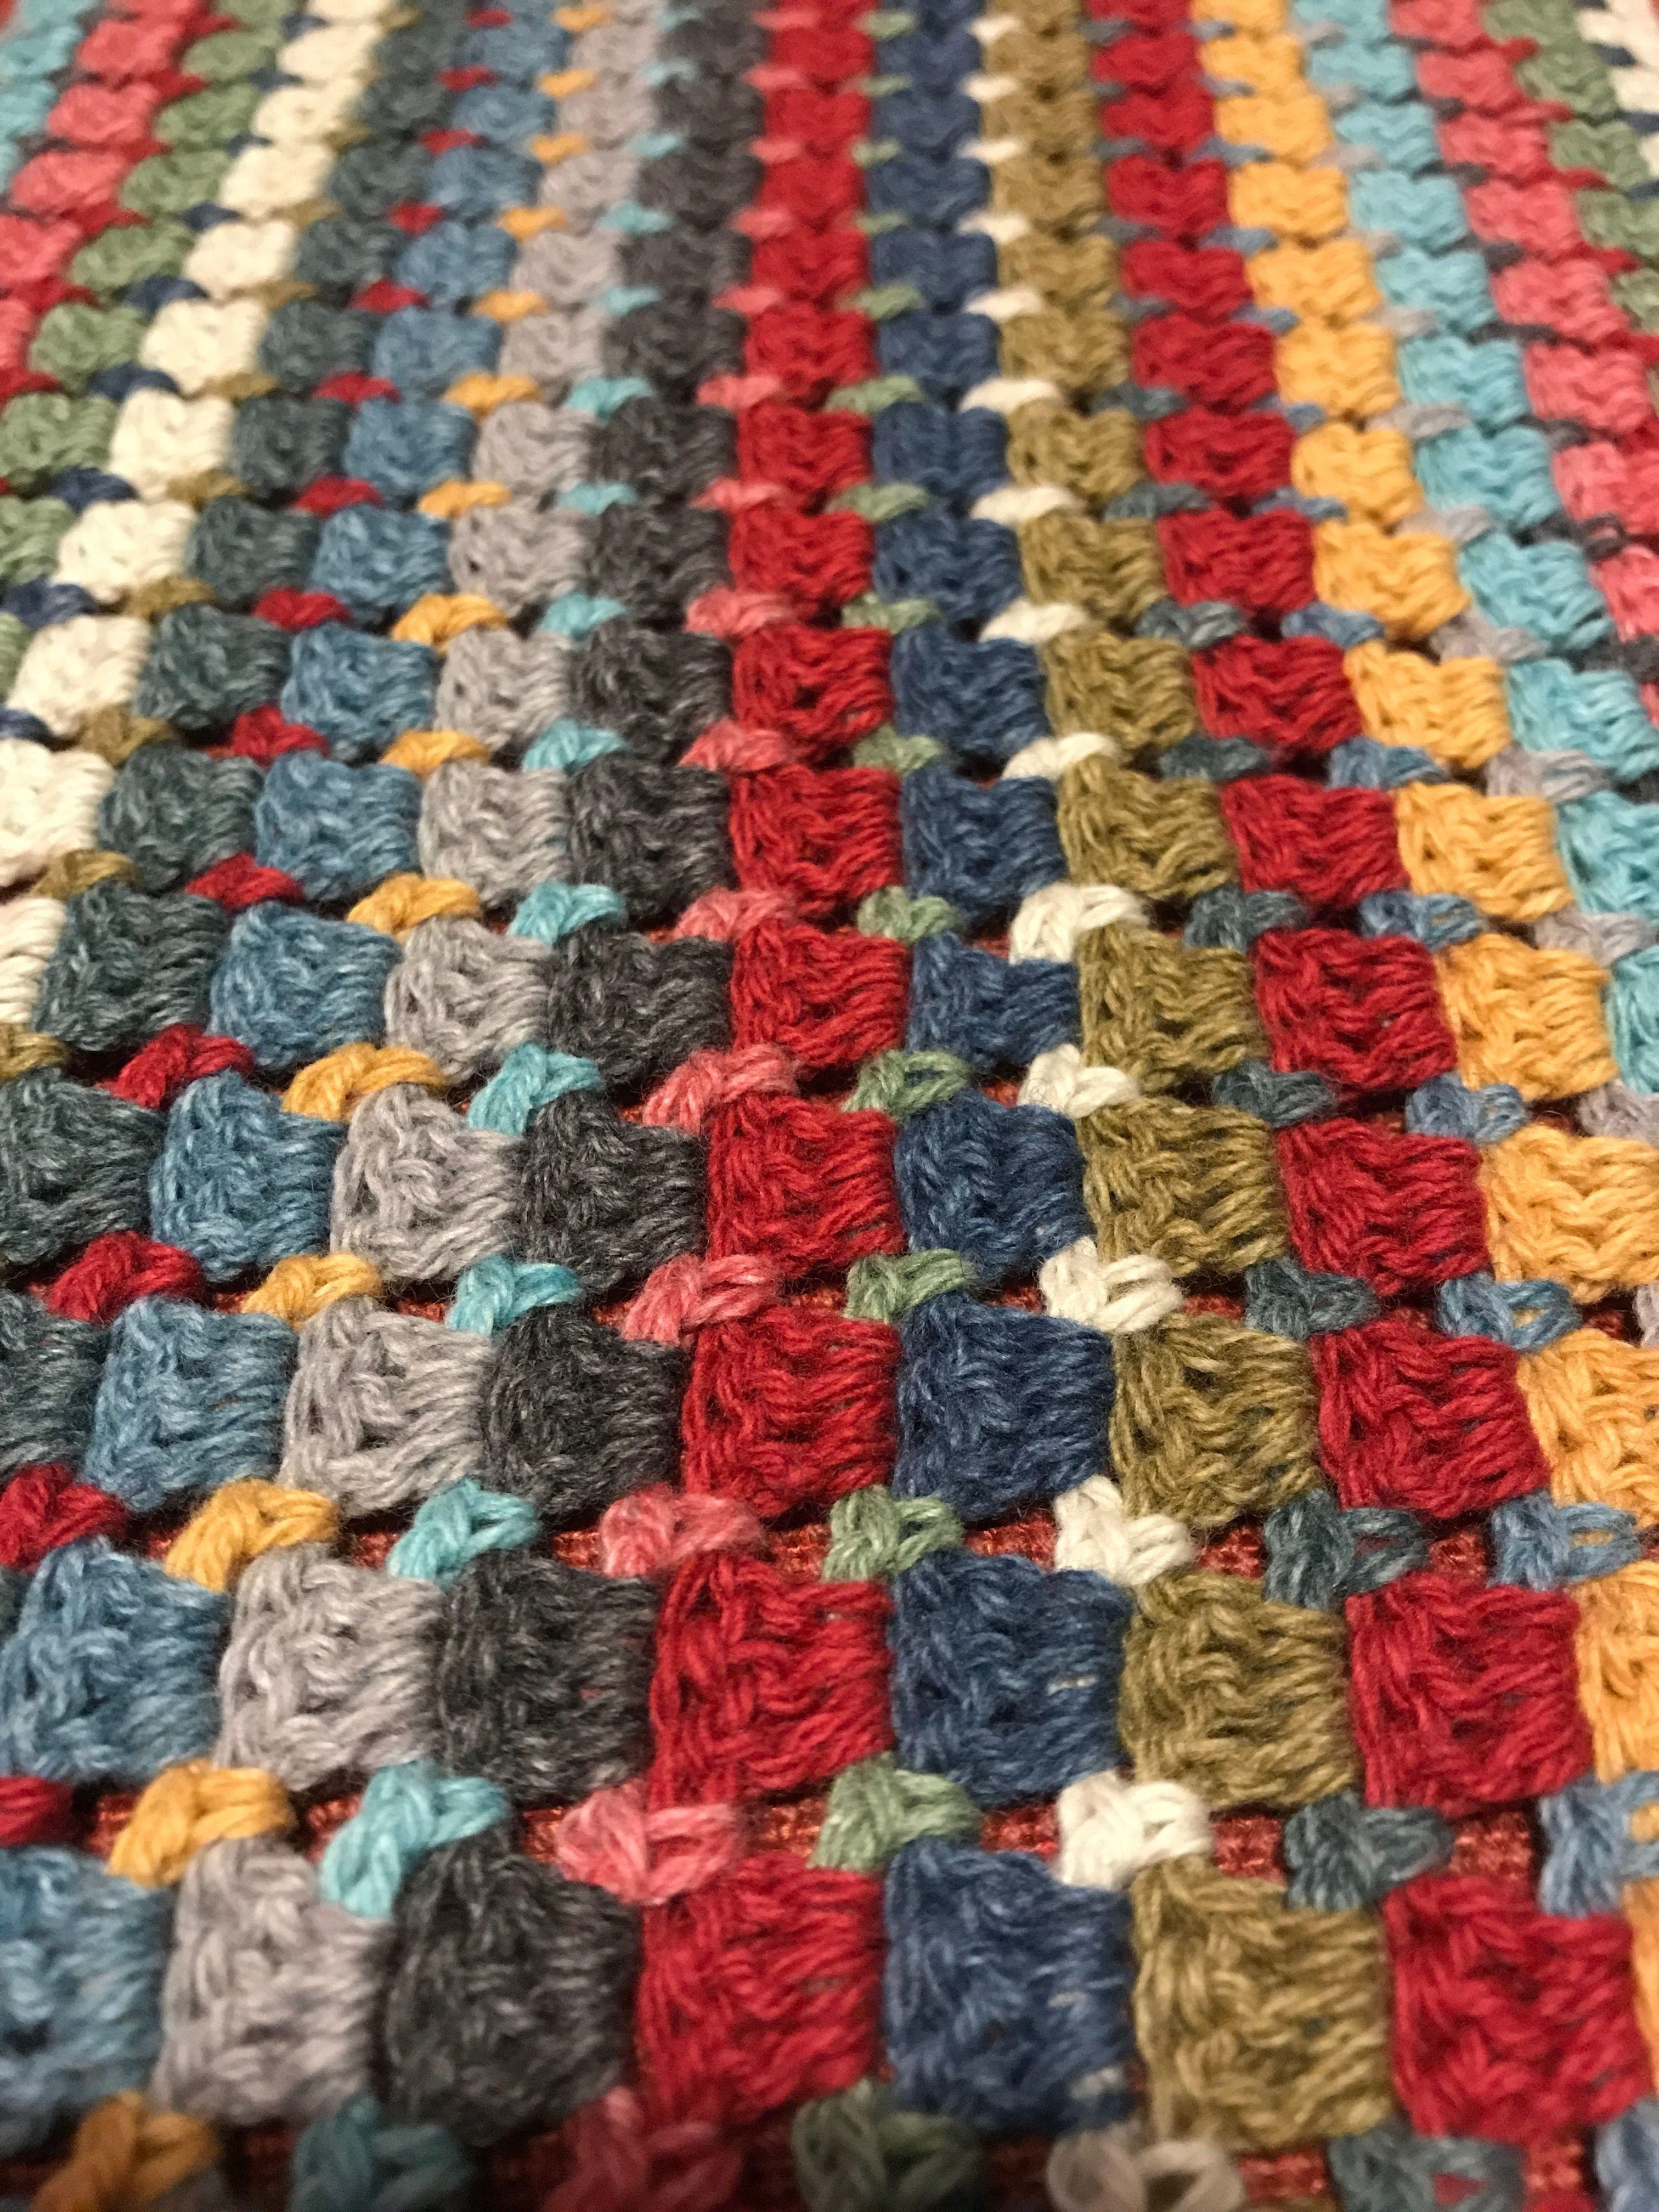 Pin Van Ankie Crooijmans Op Haken Crochet Knitting En Knit Crochet